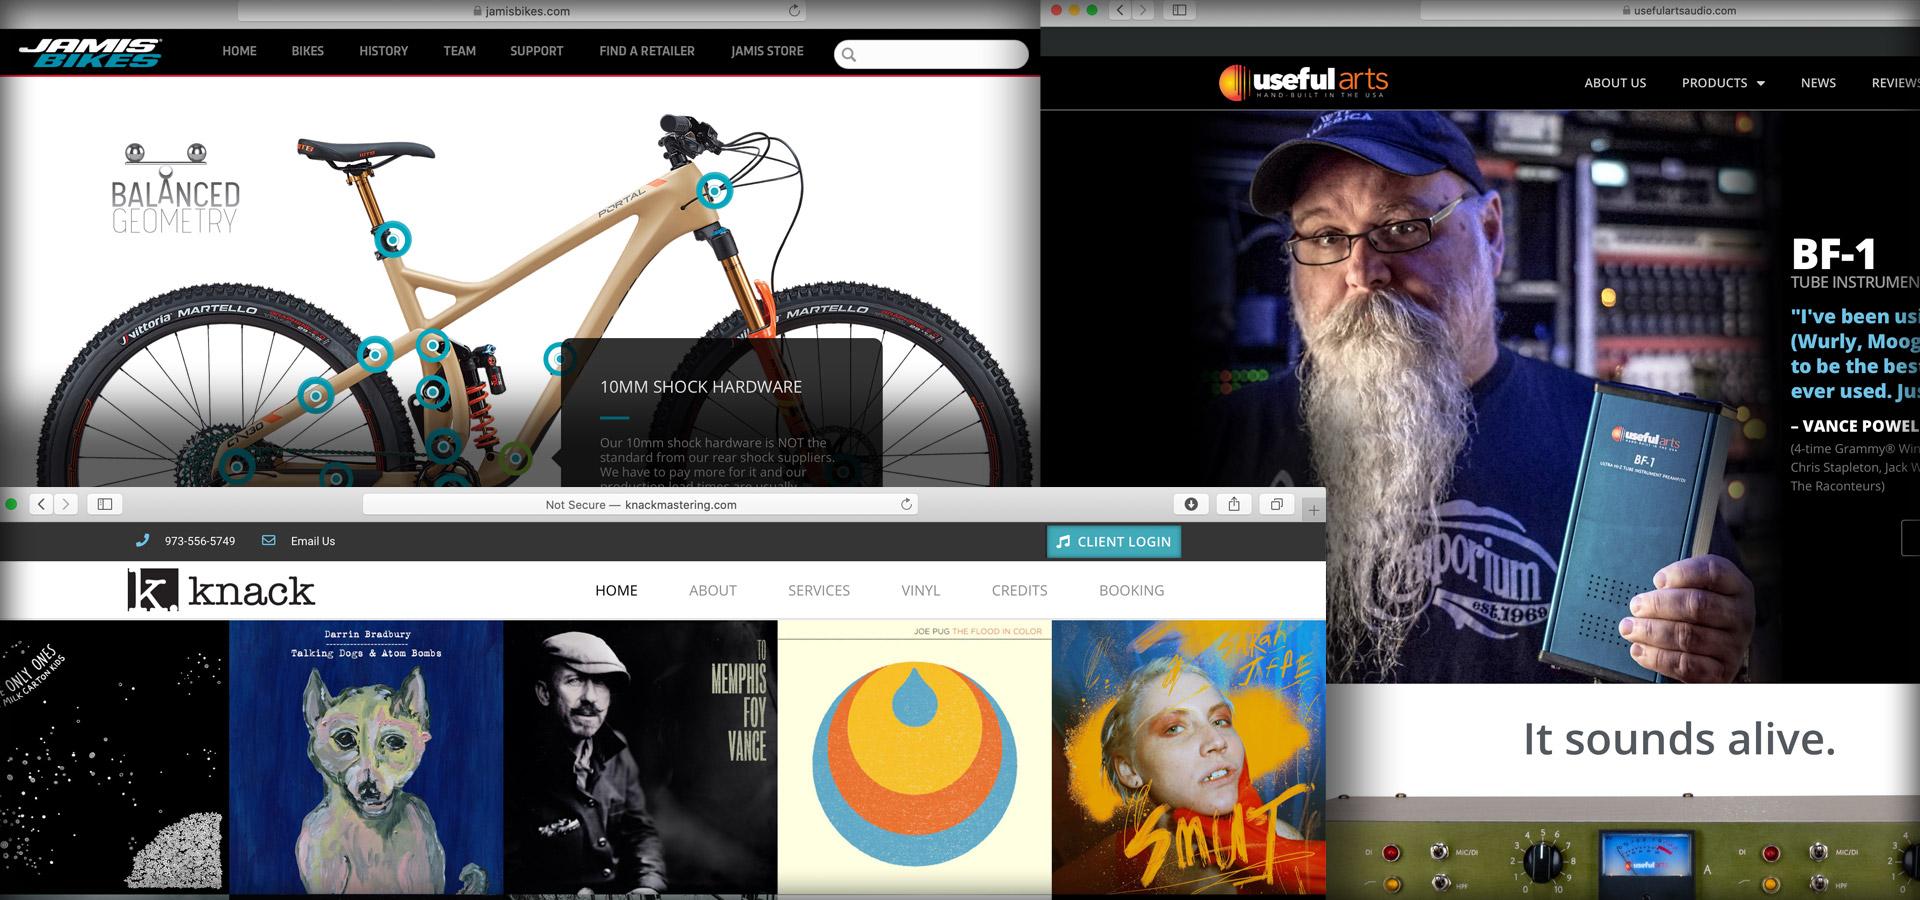 Karcorp Web Design